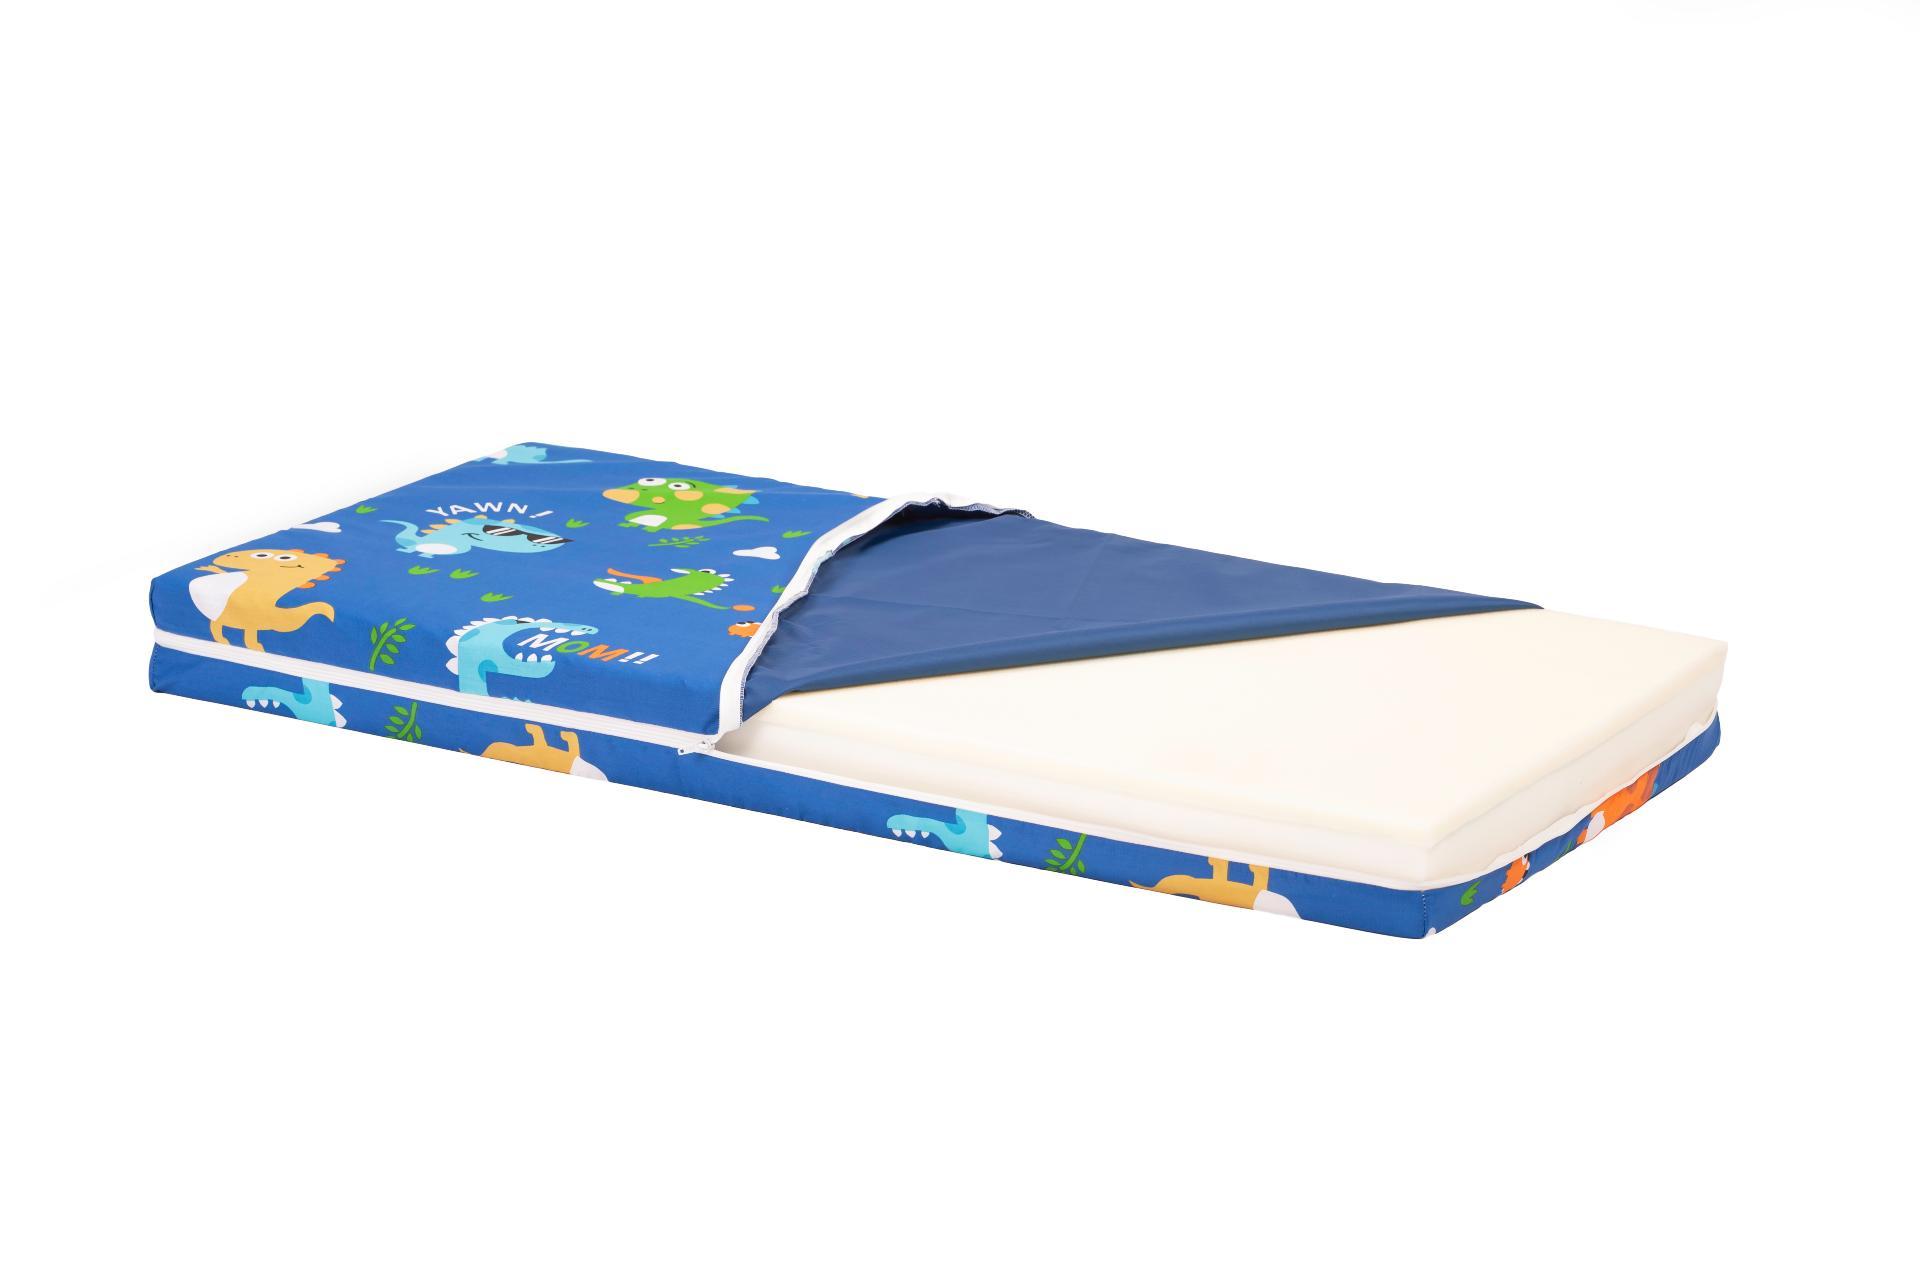 Saltea Pat Somnart Ortopedica cu husa protectie impermeabila pentru bebelusi si copii model Dinozauri 60x120 poza somnart.ro